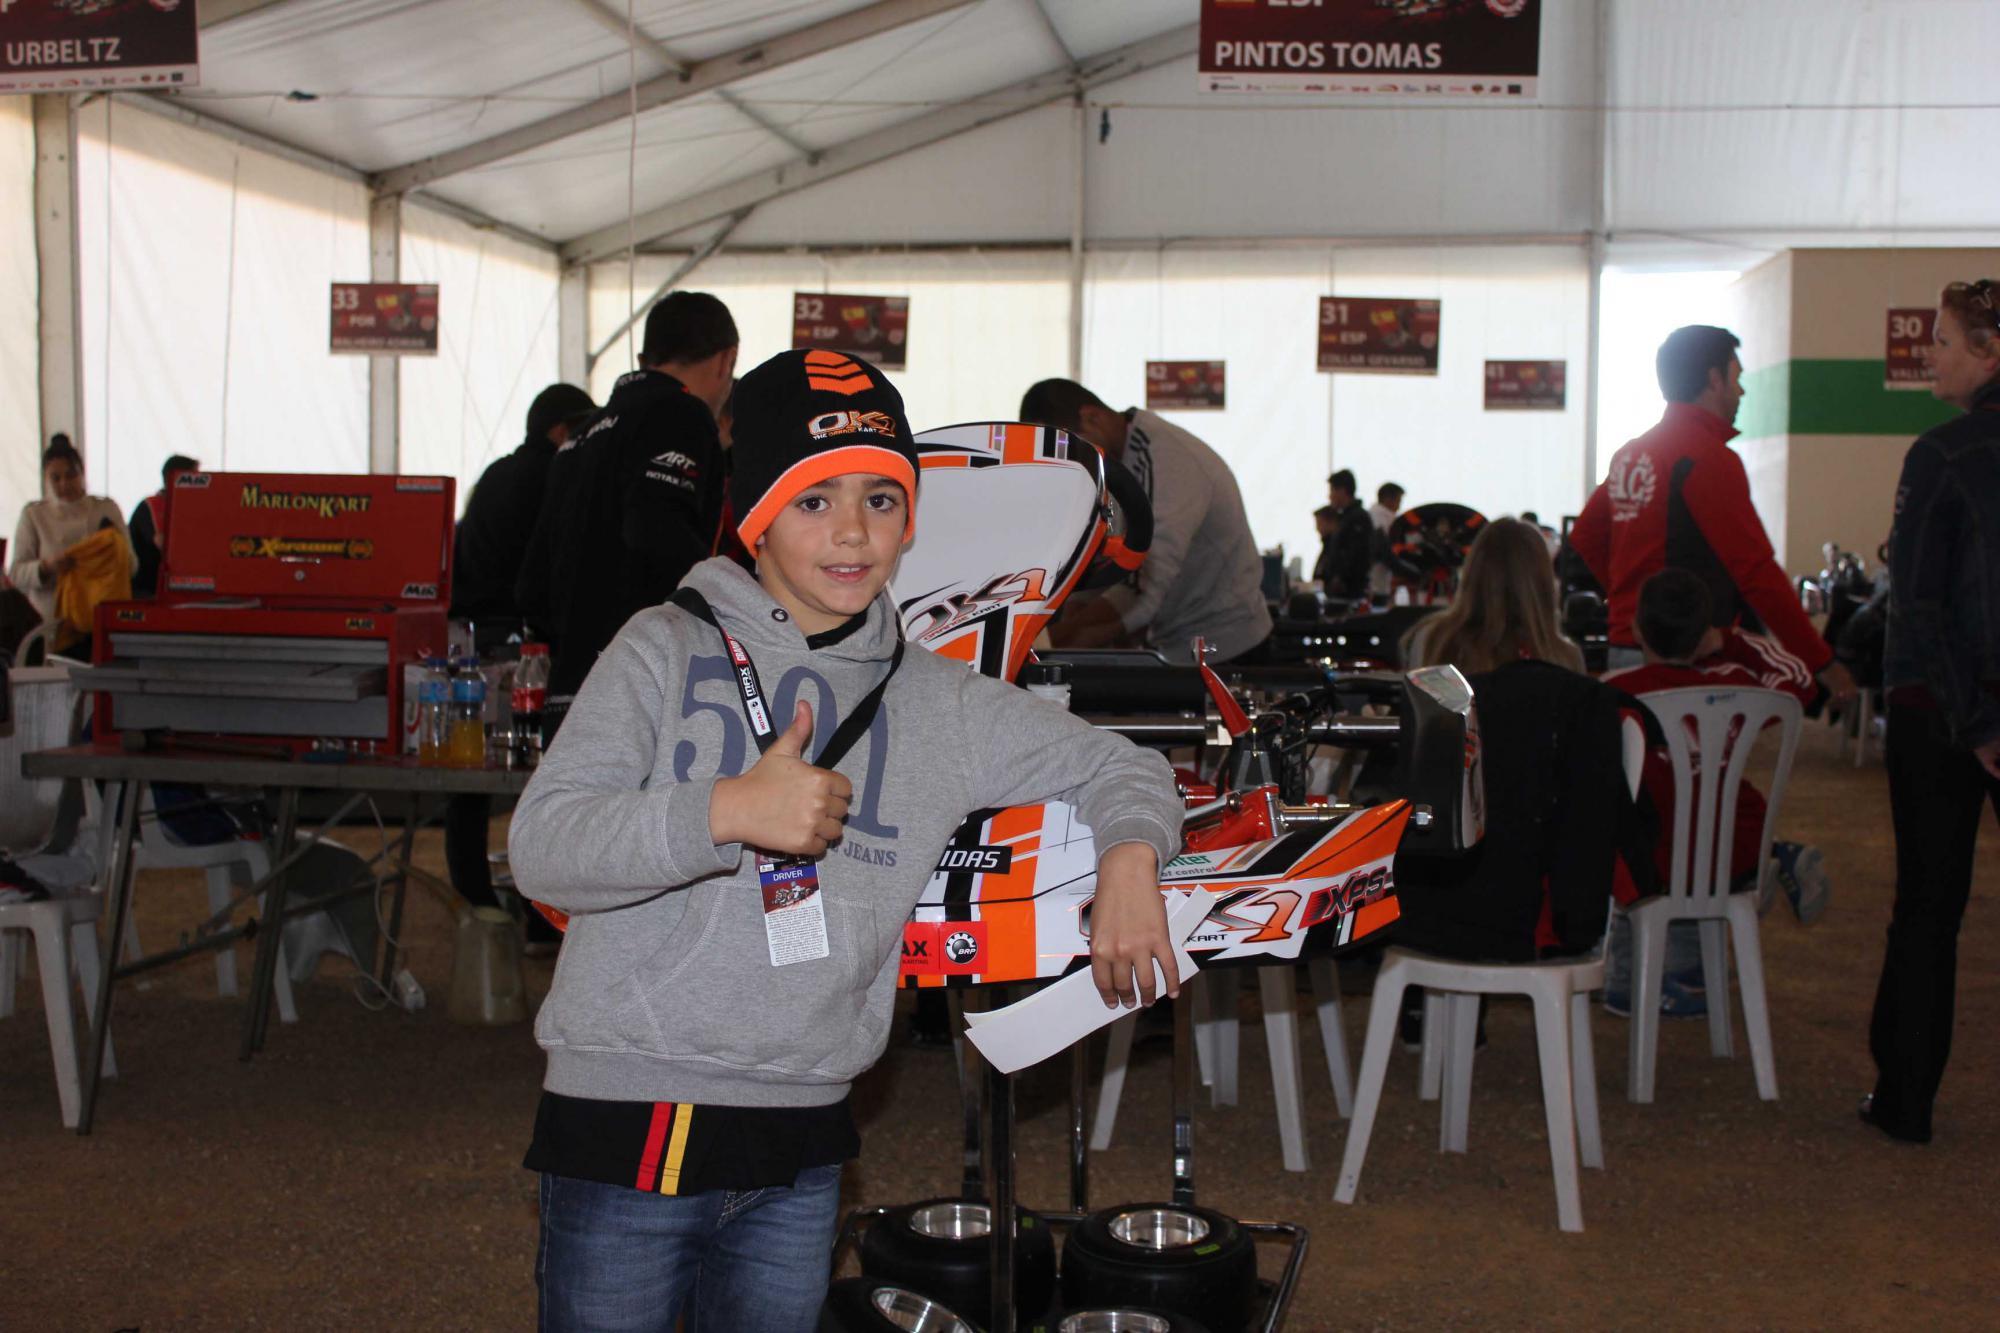 El cabanillero Tommy Pintos logra con tan solo 8 años el cuarto puesto en el Mundial de Karting